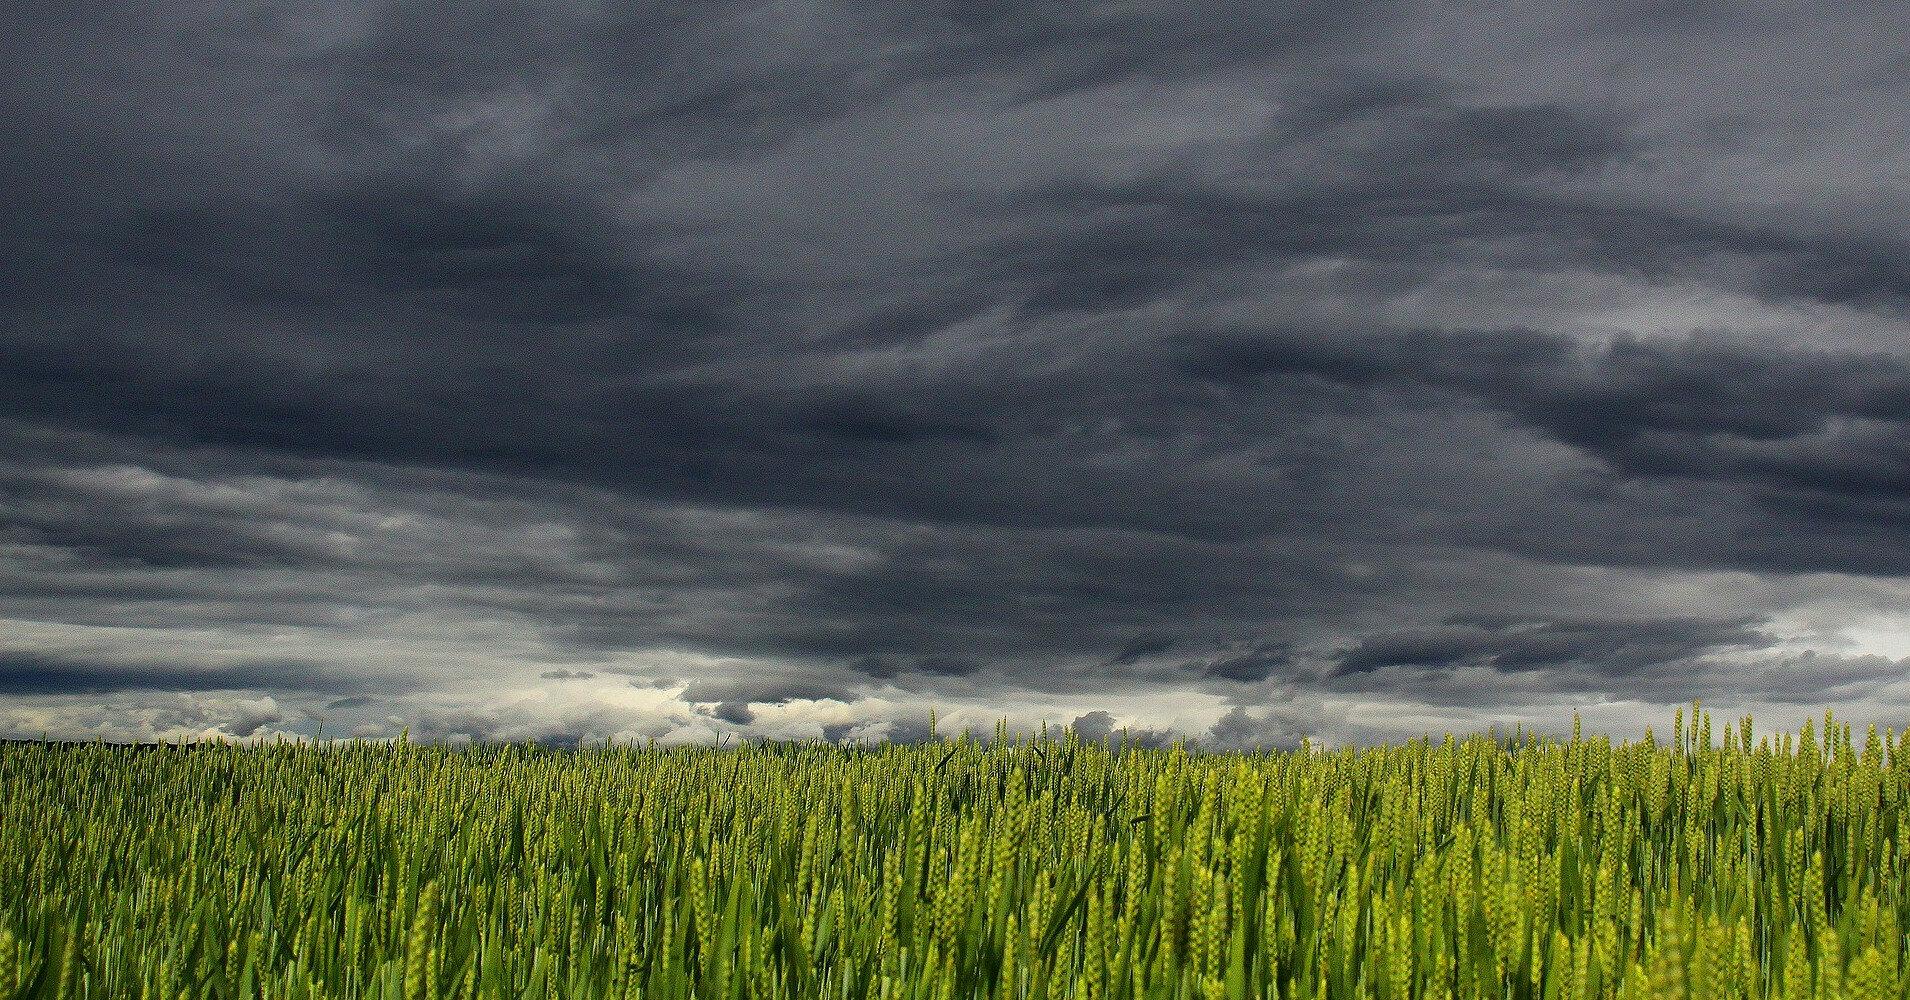 Долгожданная прохлада: 22 июля по всей Украине прогнозируется похолодание